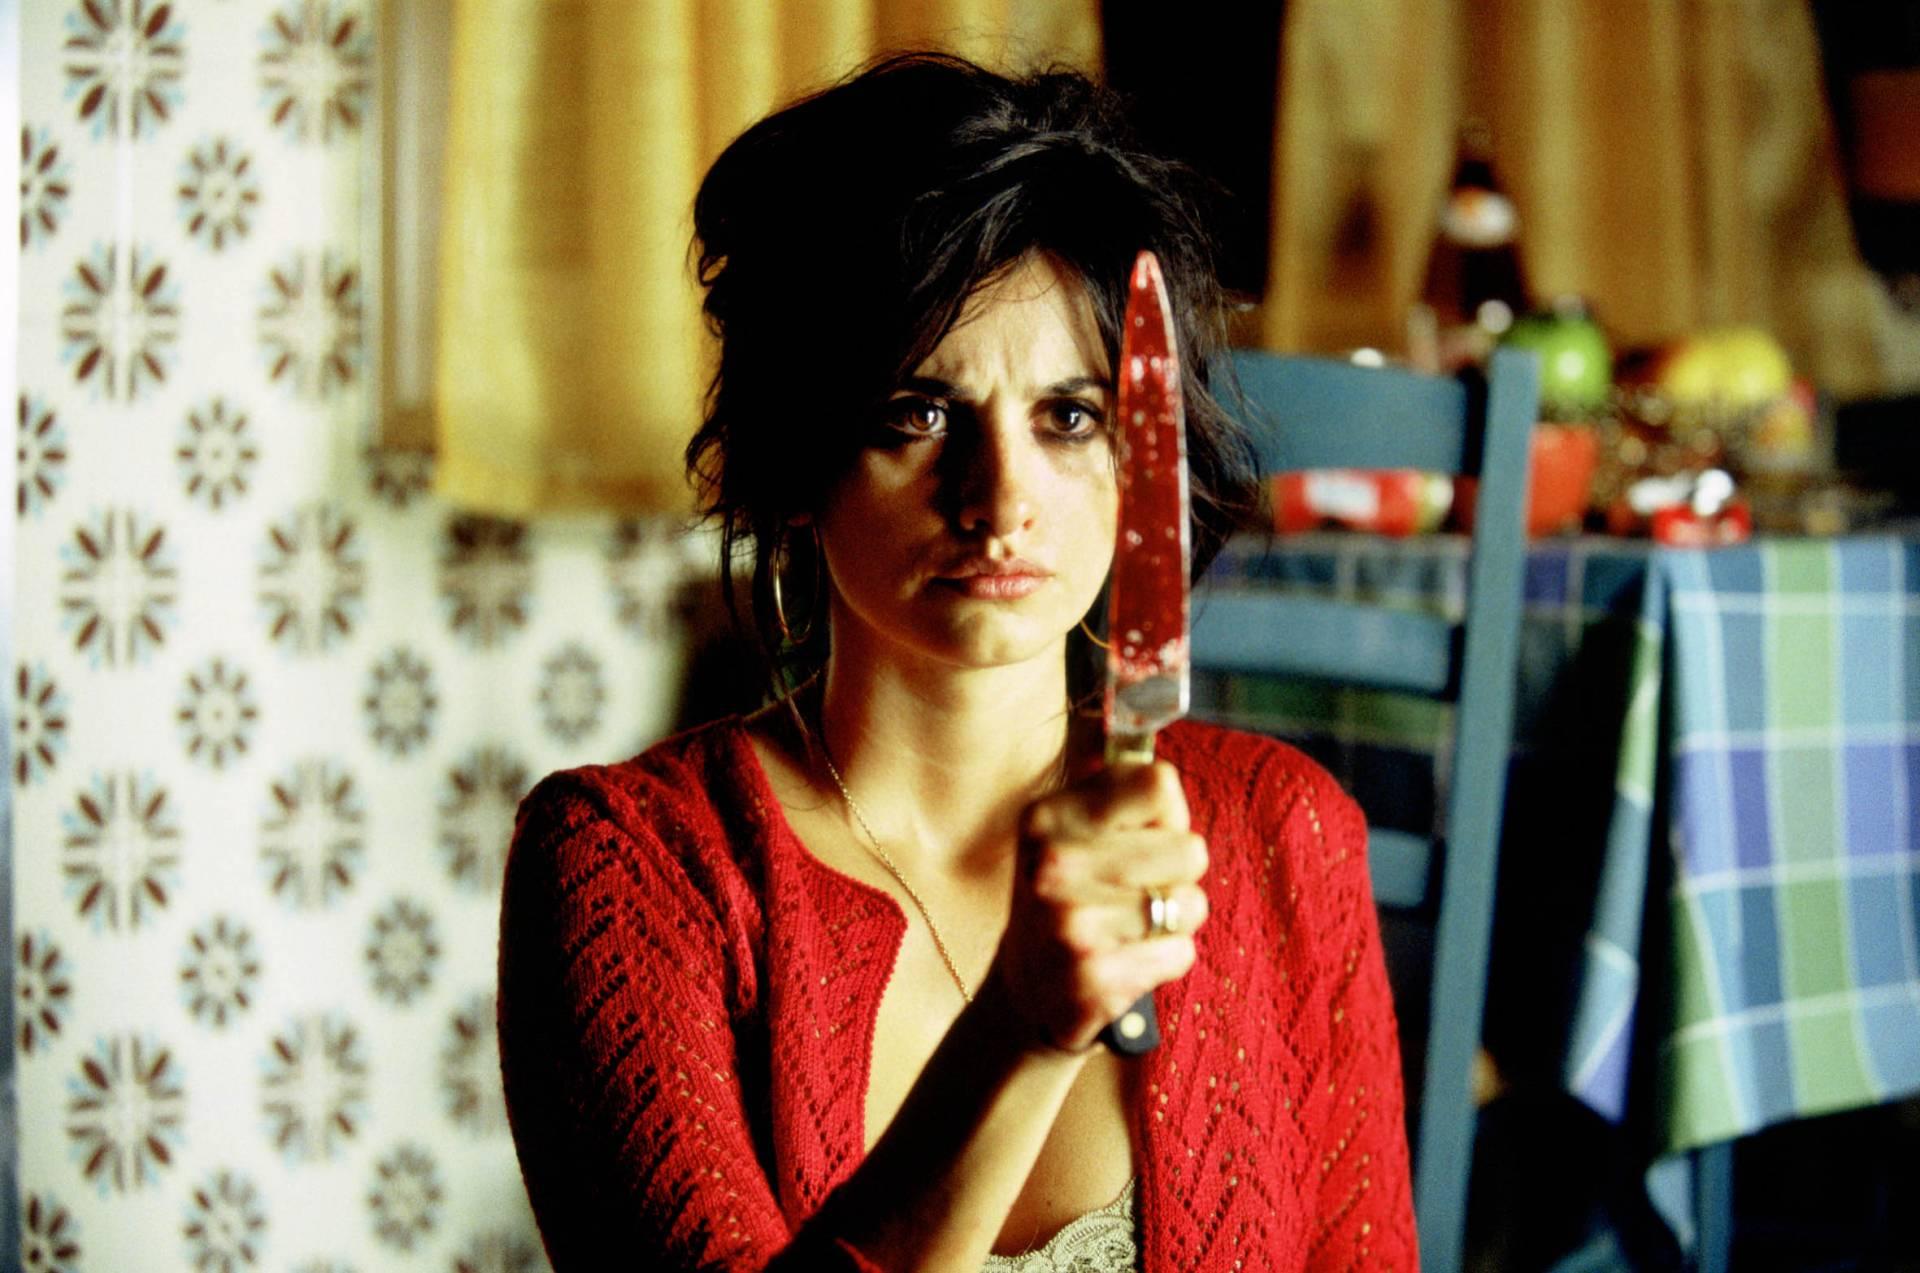 En 'Volver' (2006), Almodóvar retrata alguna de las costumbres de su tierra natal.